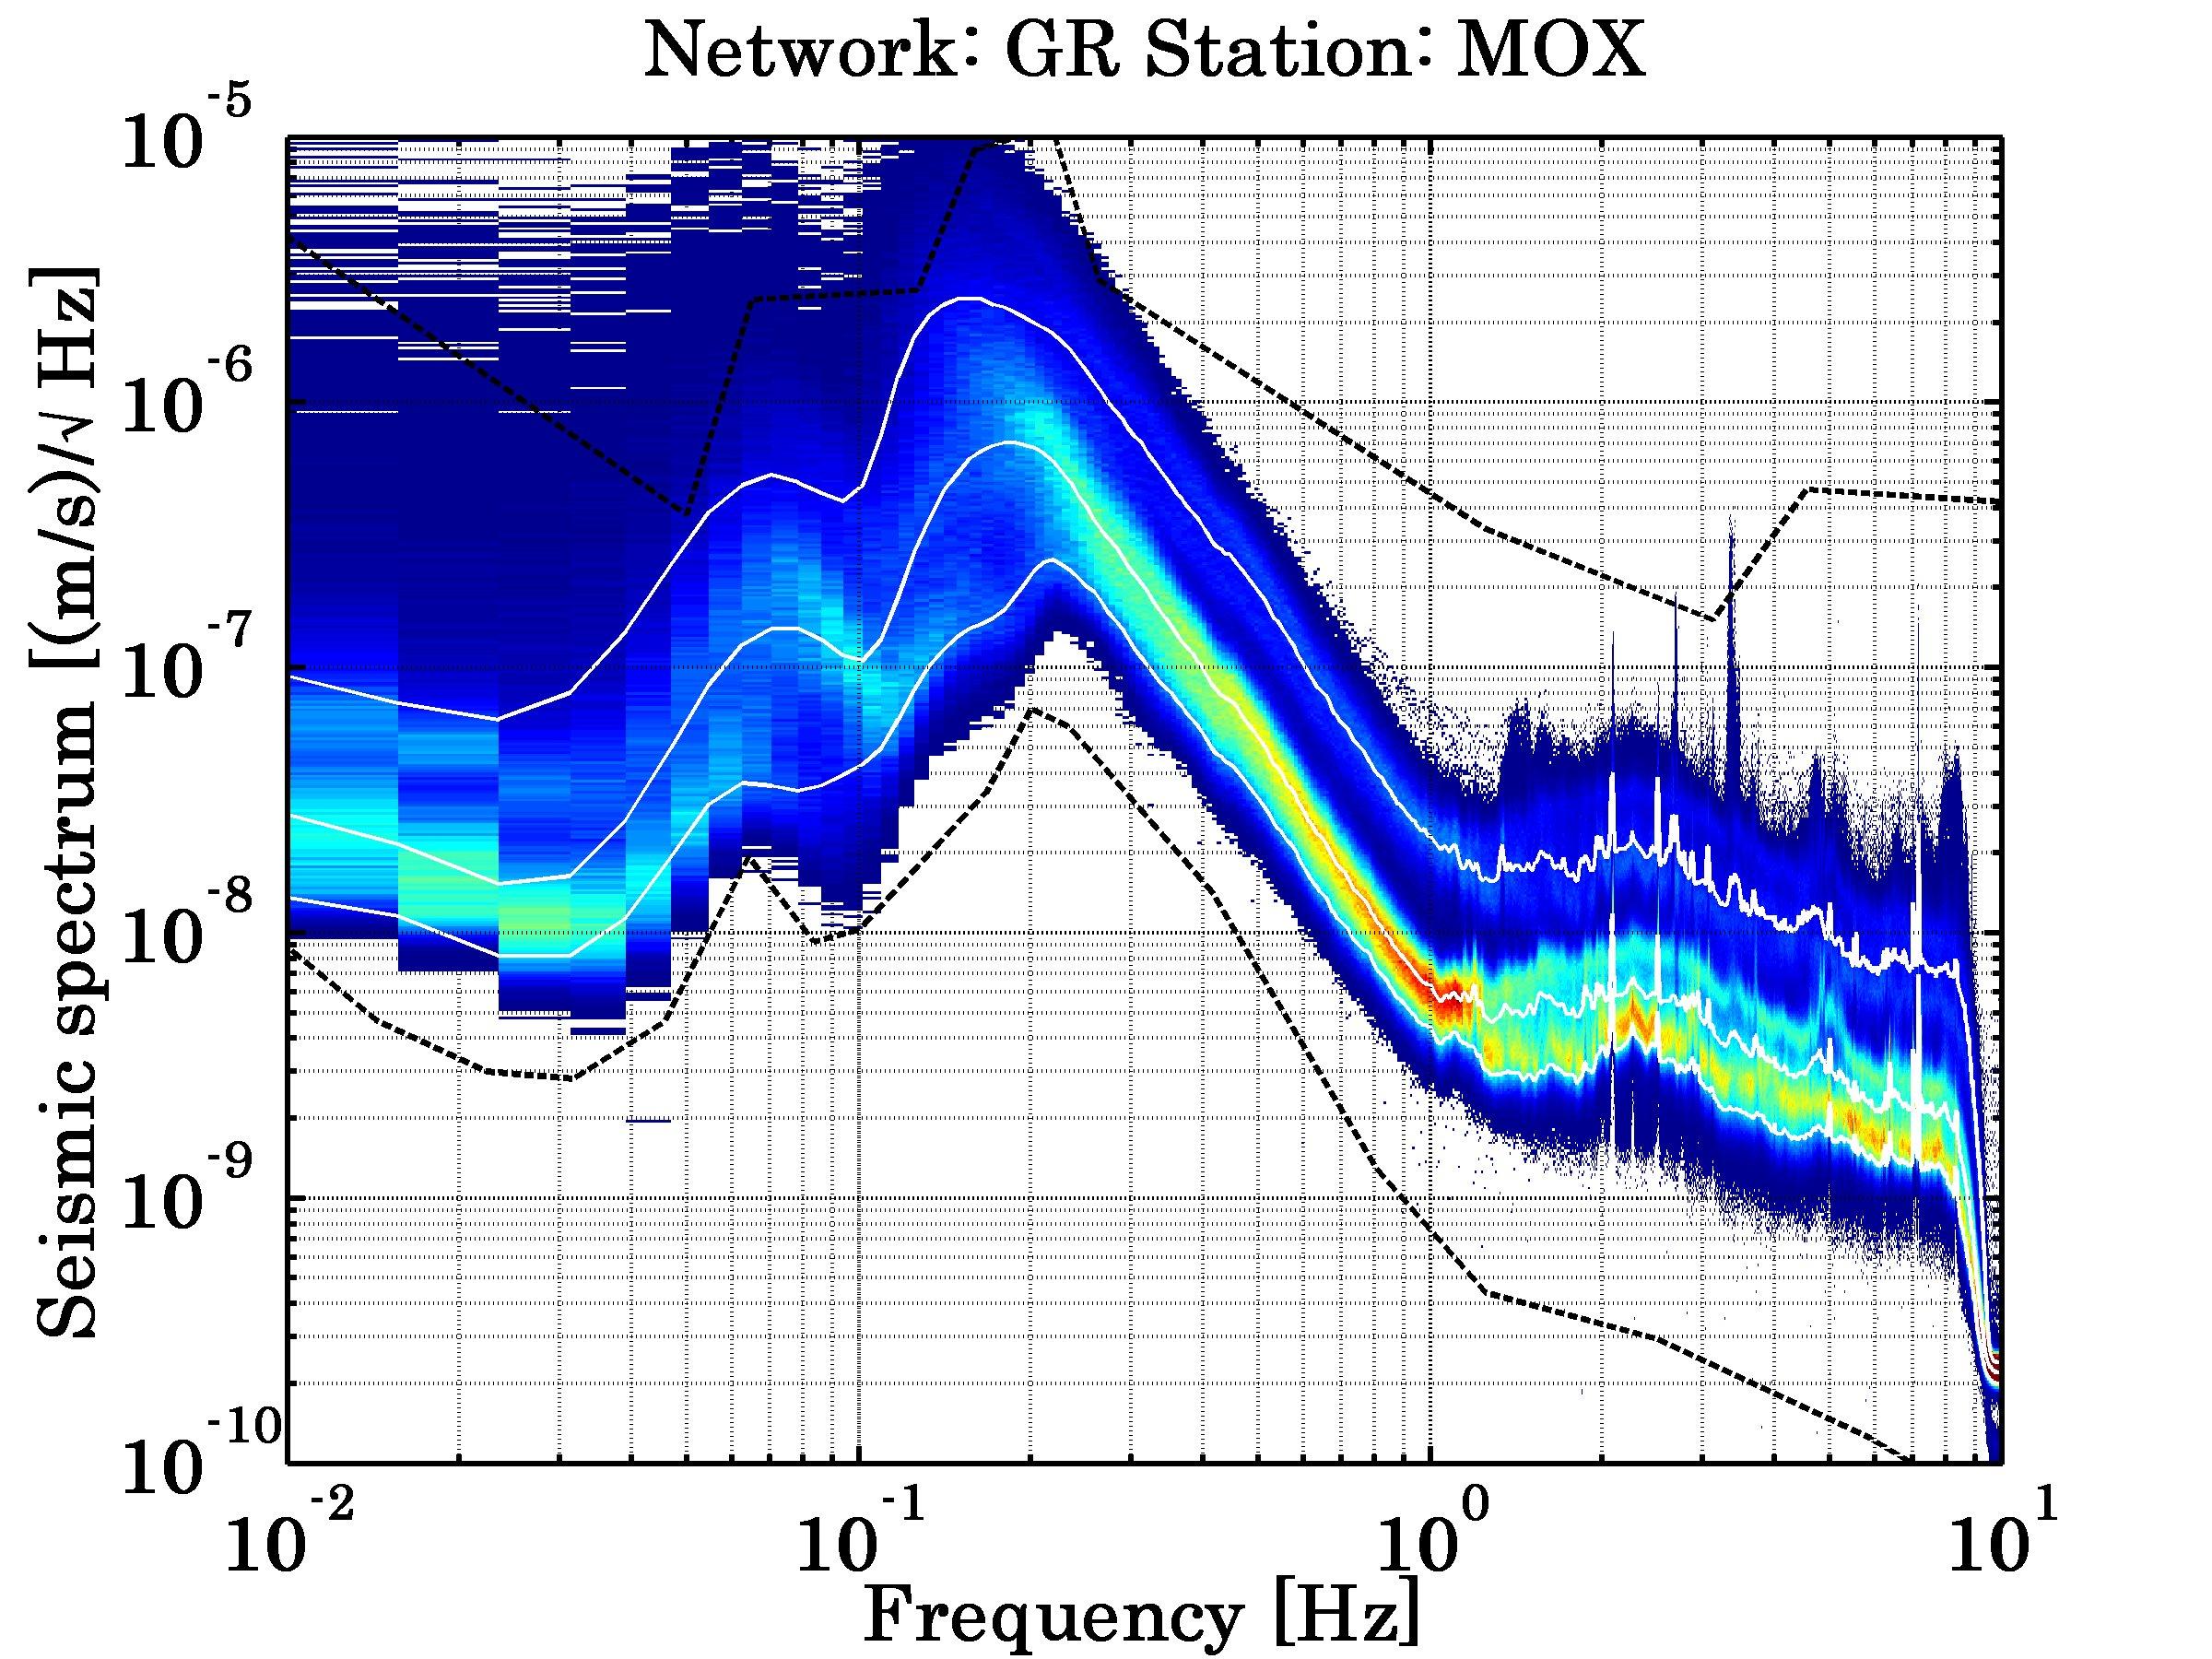 Seismic noise taken from www.ligo.caltech.edu/~jharms/data/Plots/Histograms/GR_MOX_BHZ_specvar.png